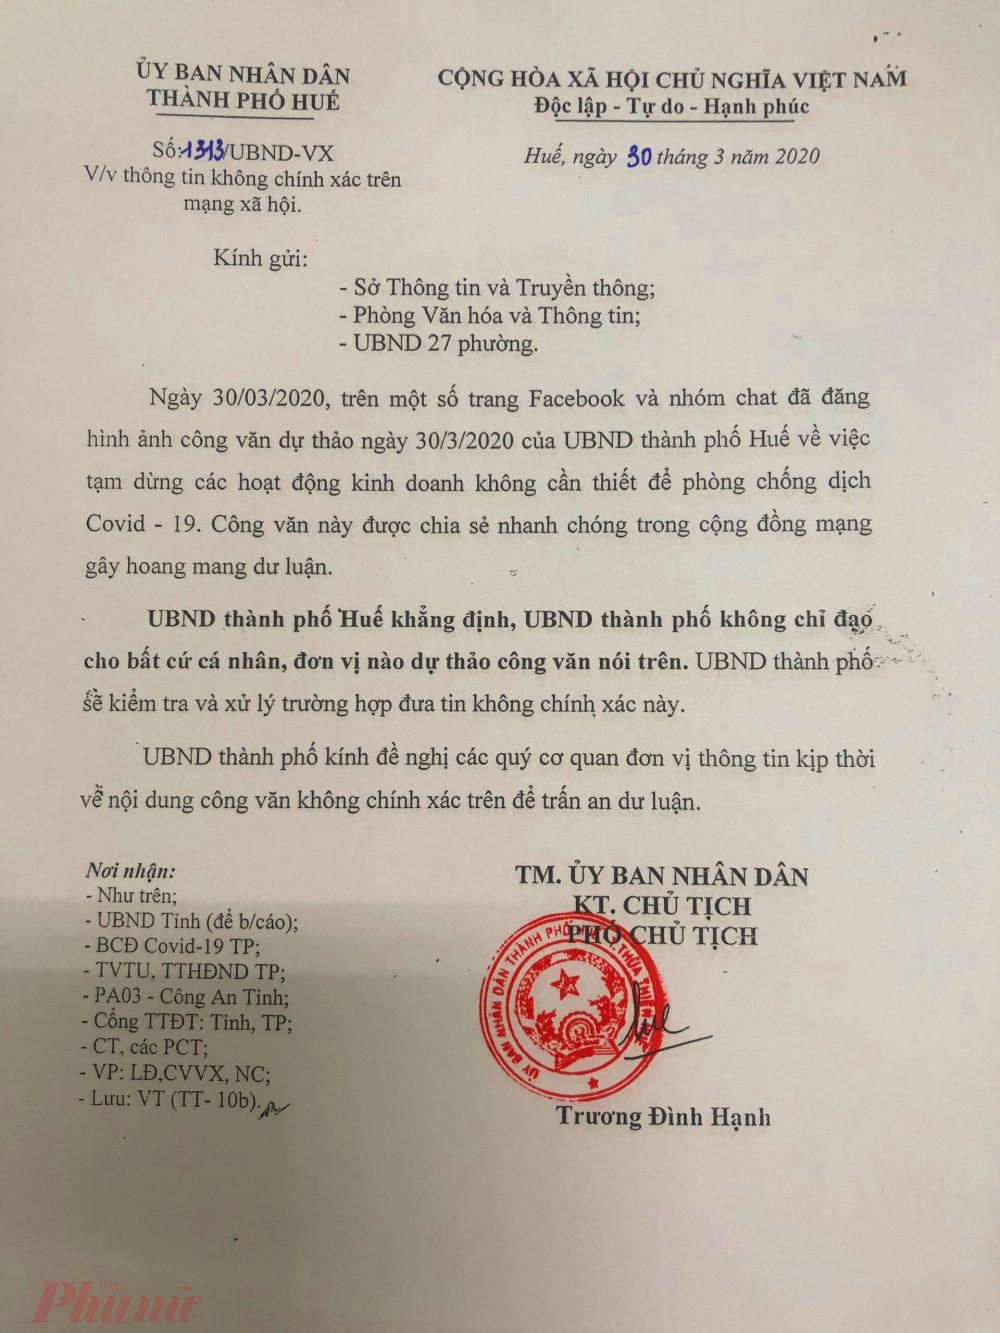 Ông Trương Đình Hạnh, Phó Chủ tịch UBND TP Huế nói rằng không có chỉ đạo ai làm công văn đó